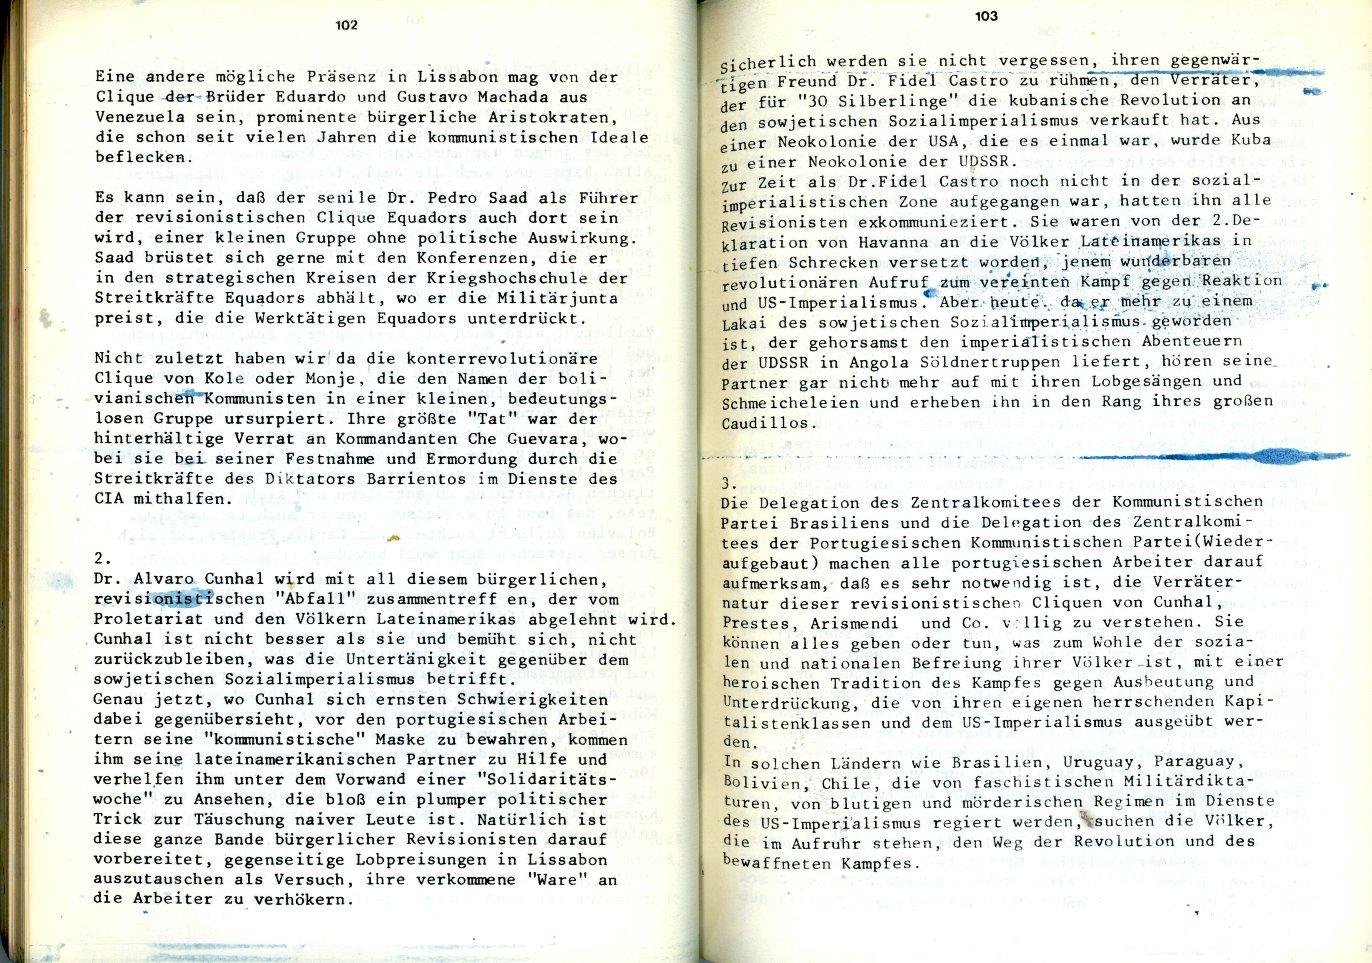 MLSK_Theorie_und_Praxis_des_ML_1978_20_60